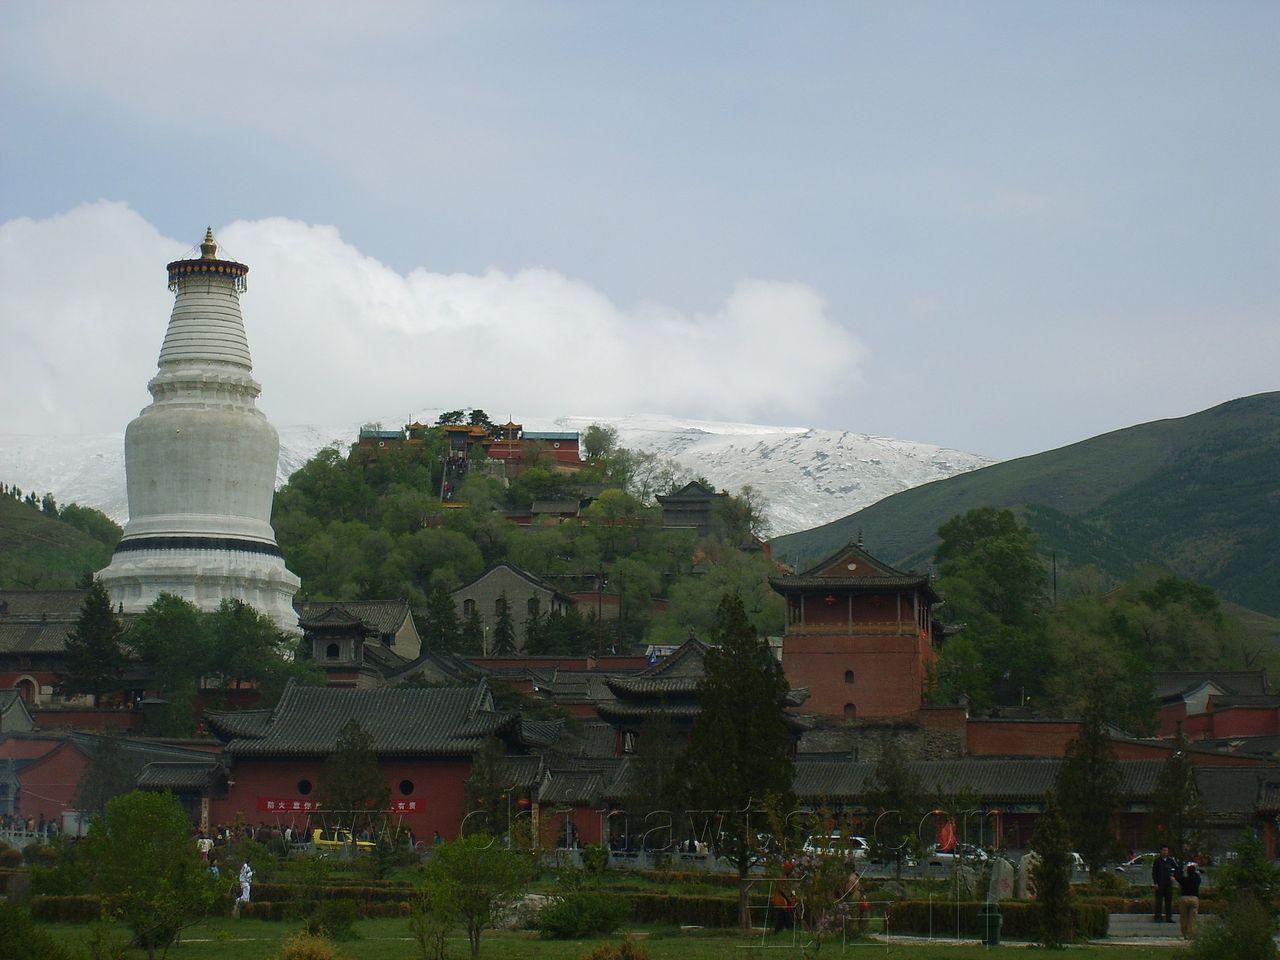 首页 旅游景点大全 亚洲 中国 山西